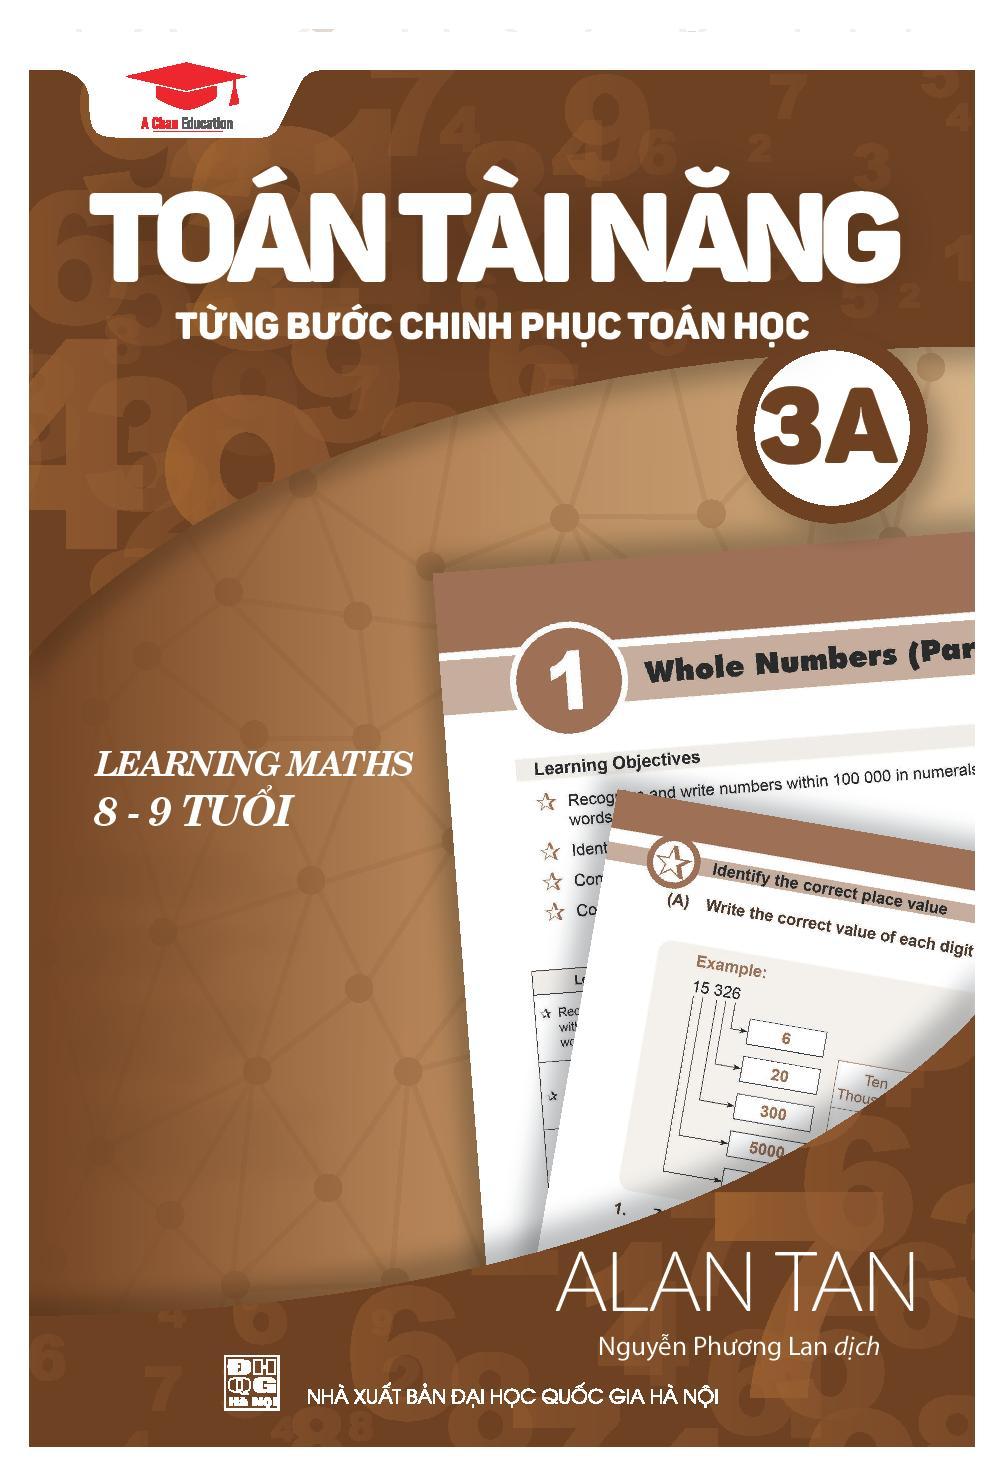 Toán Học Singapore - Toán Tài Năng - Từng Bước Chinh Phục Toán Học - Tập 3A - EBOOK/PDF/PRC/EPUB